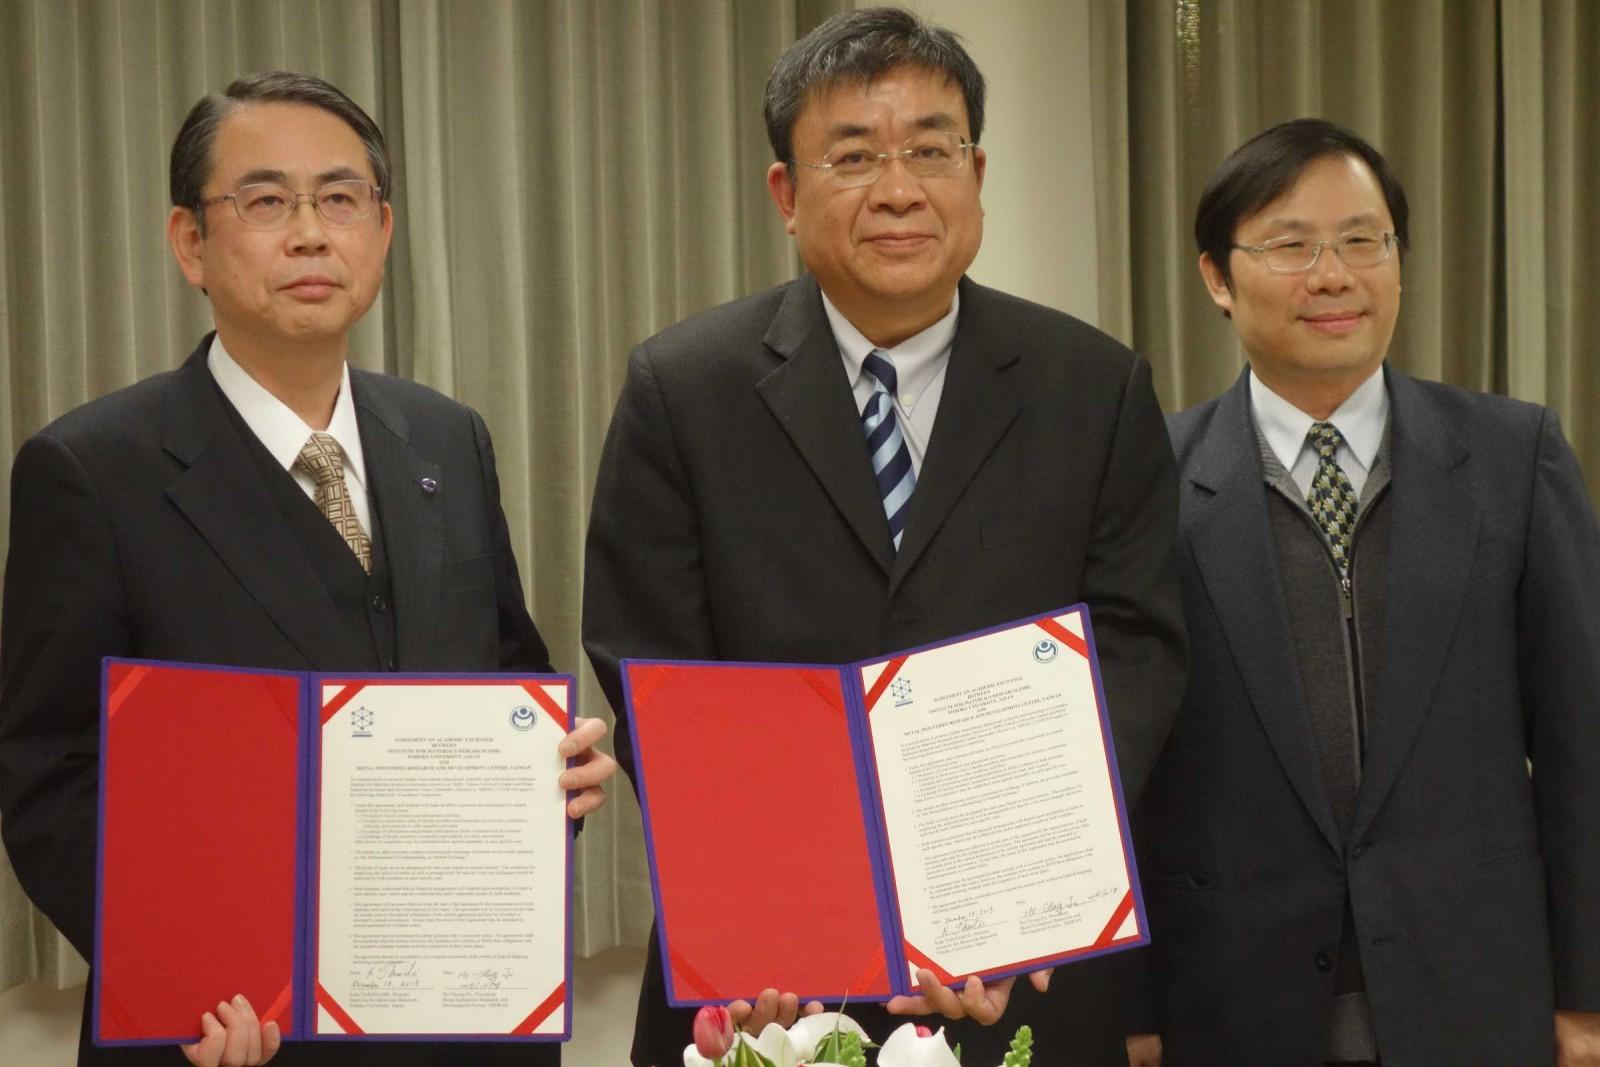 金屬中心與日本東北大學攜手探索積層製造與金屬材料